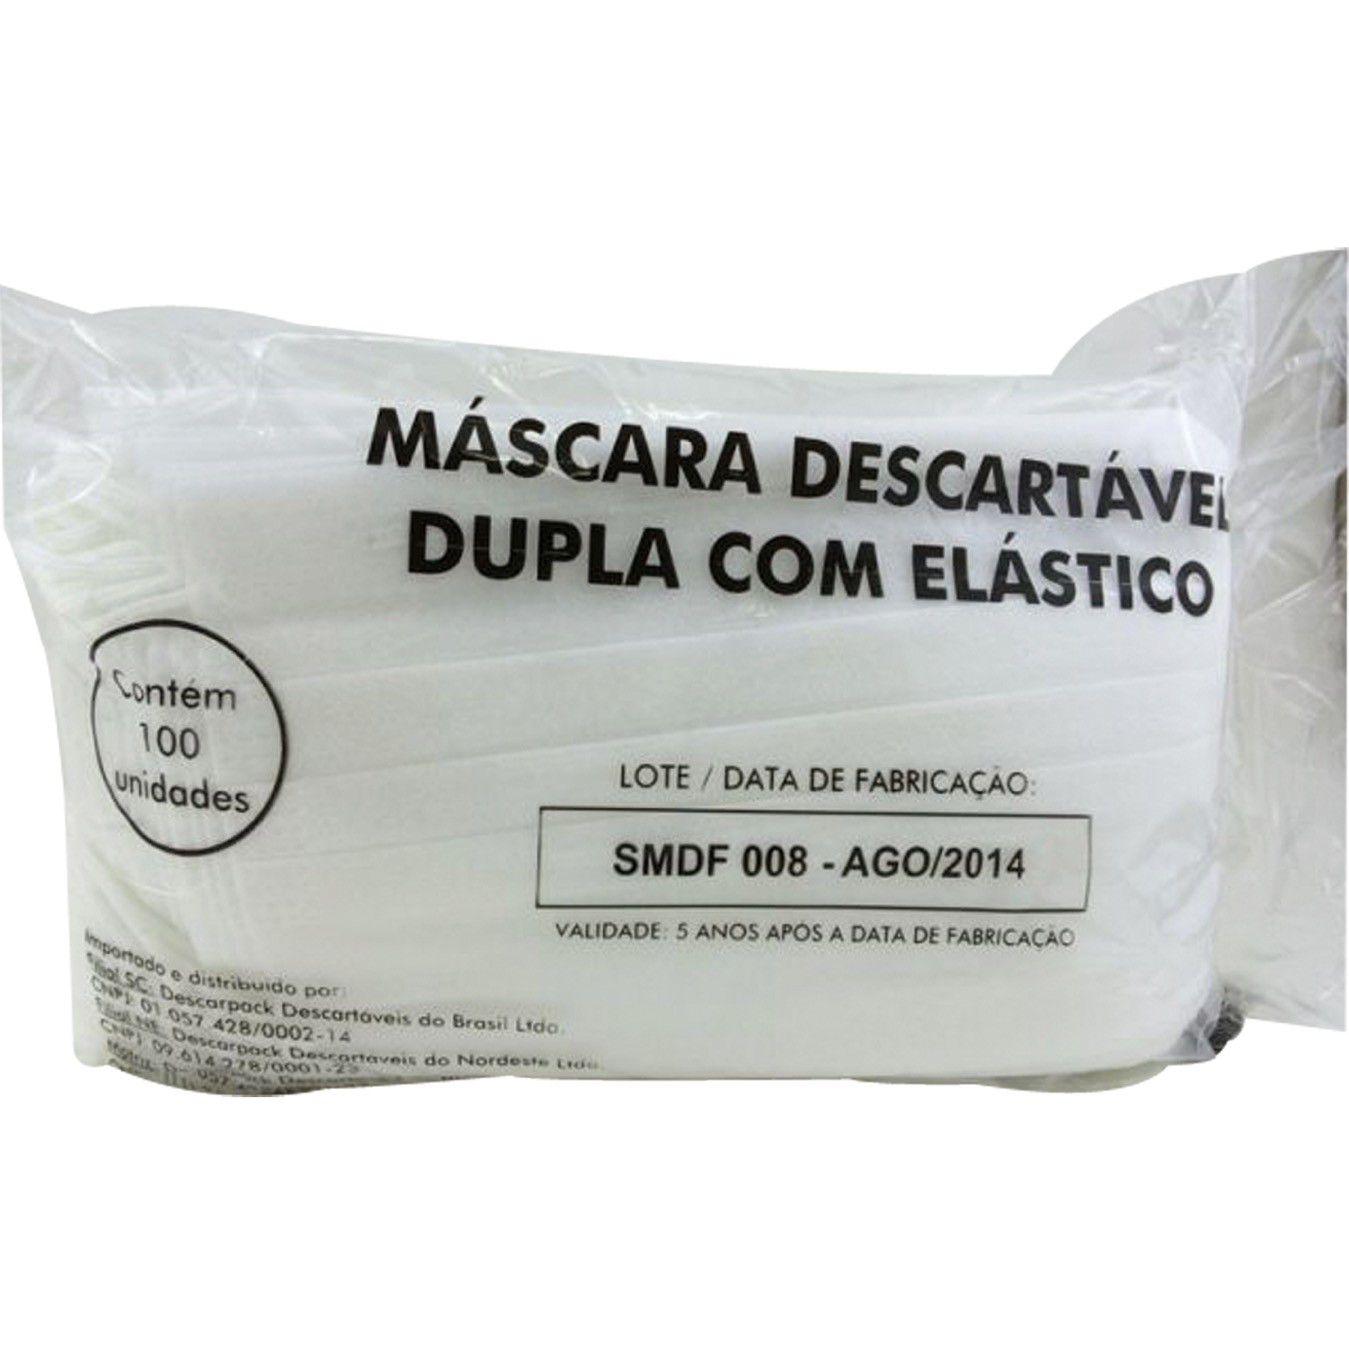 Mascara Descartavel Dupla C/Elastico Descarpack Pt/100